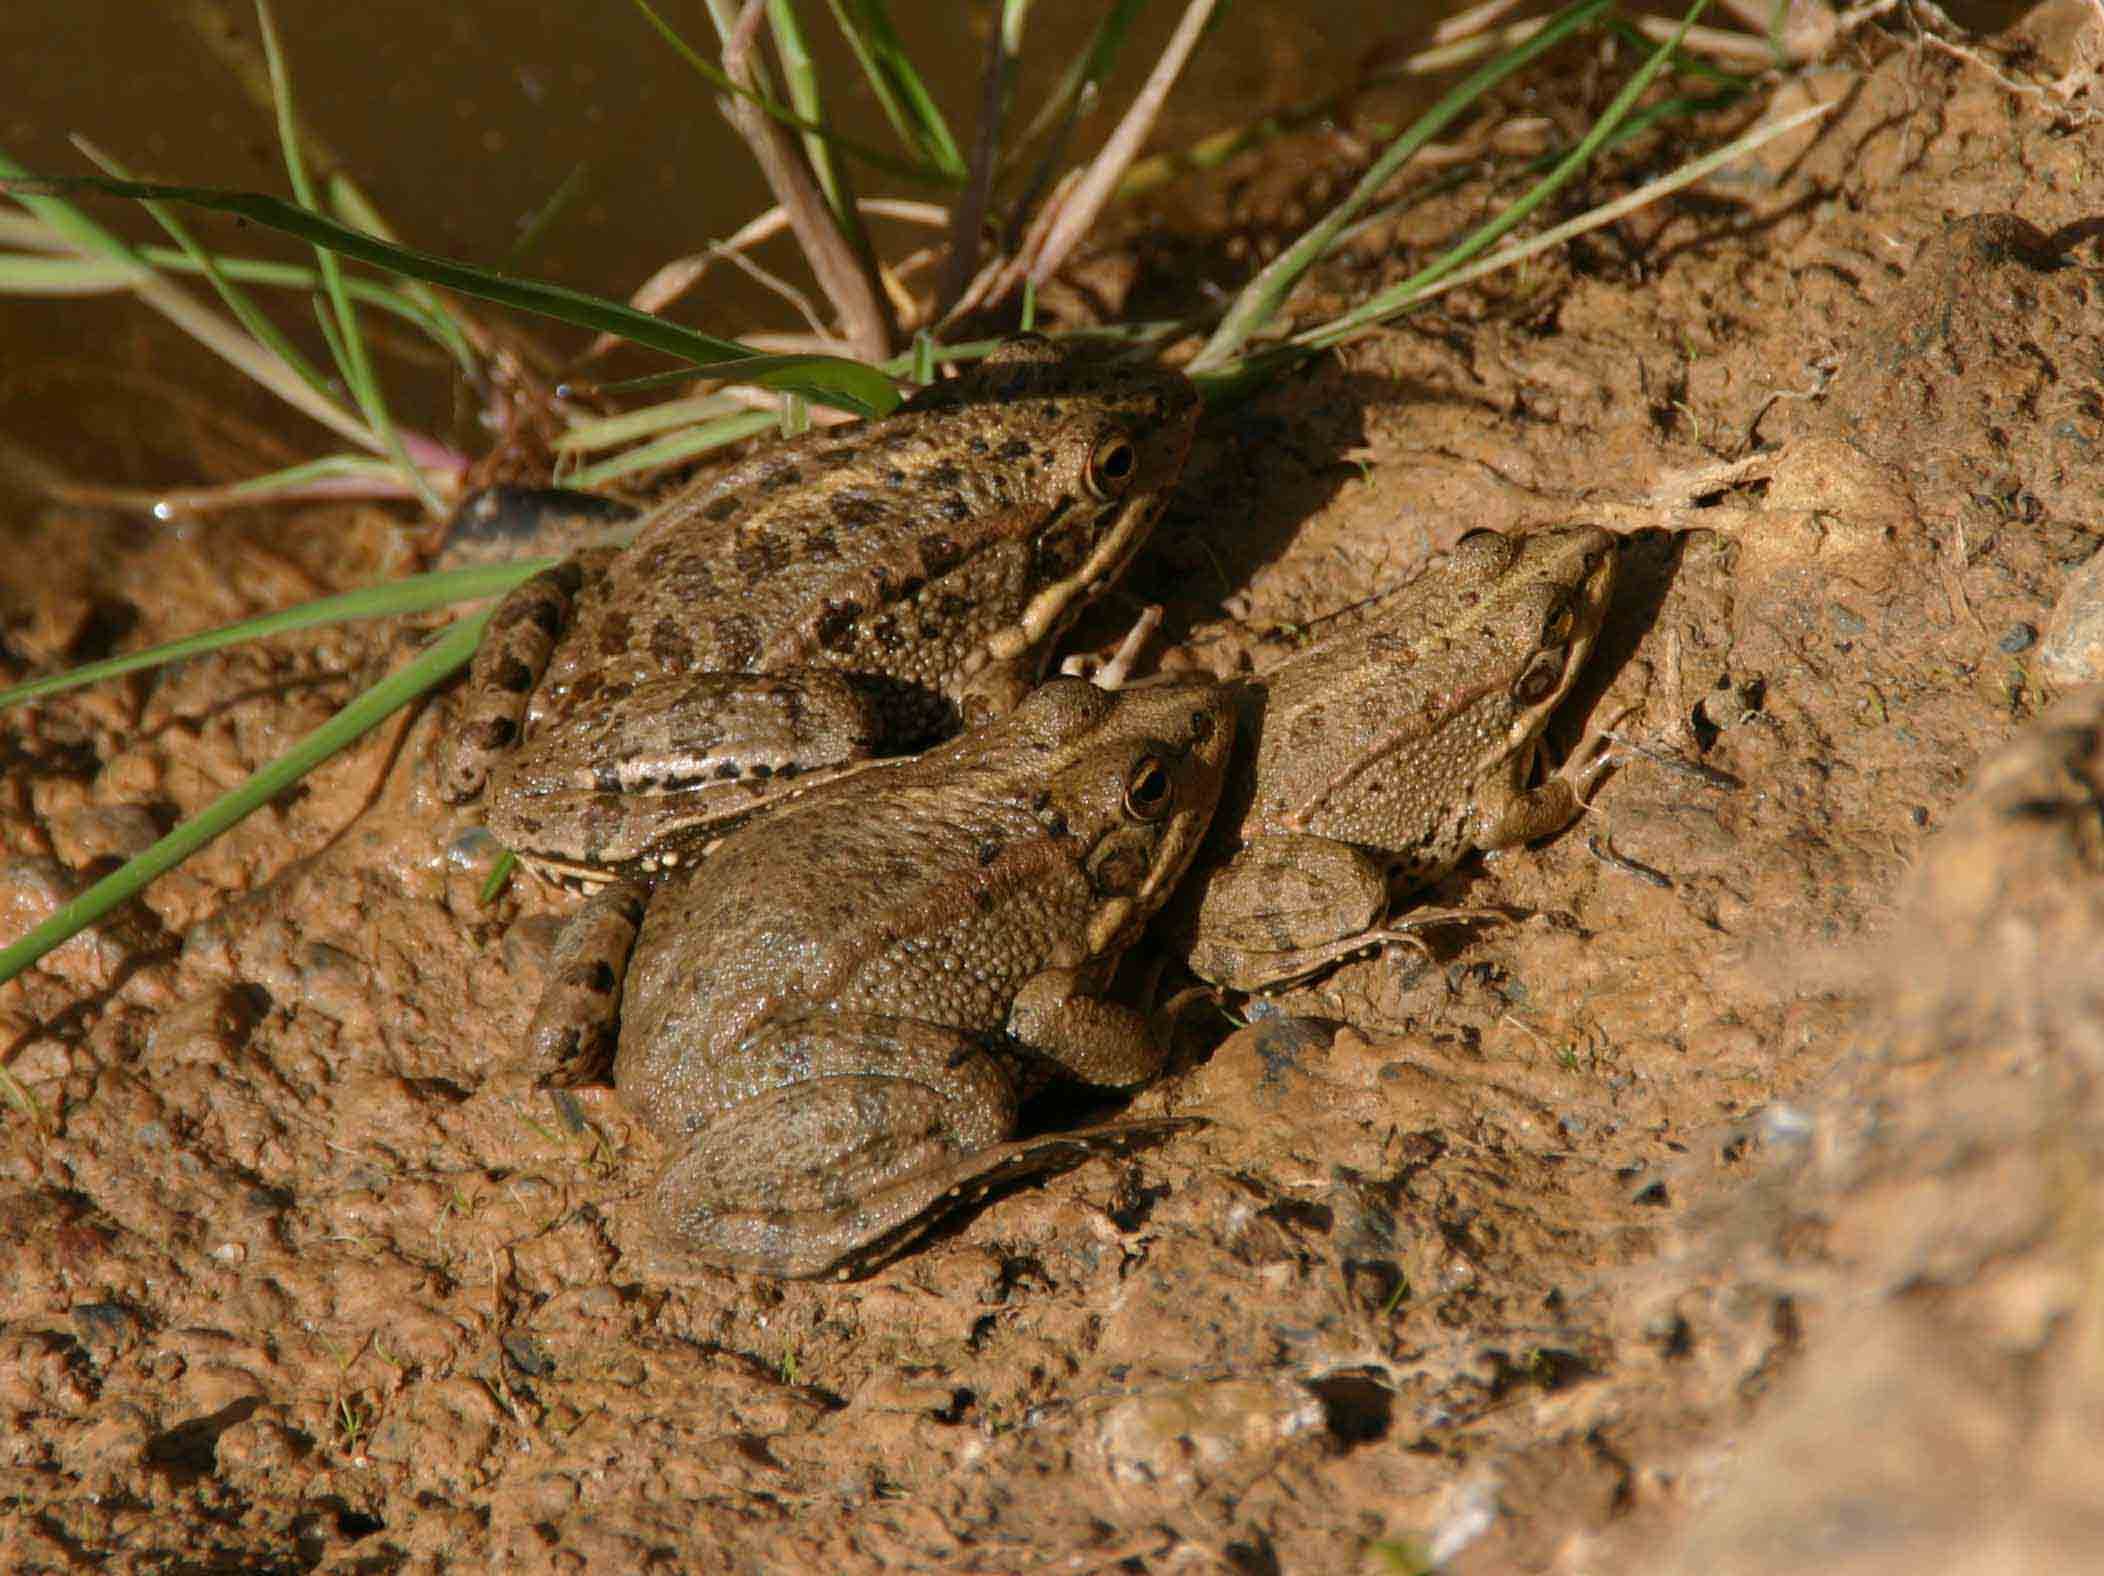 Family of water frogs (Rana perezi)